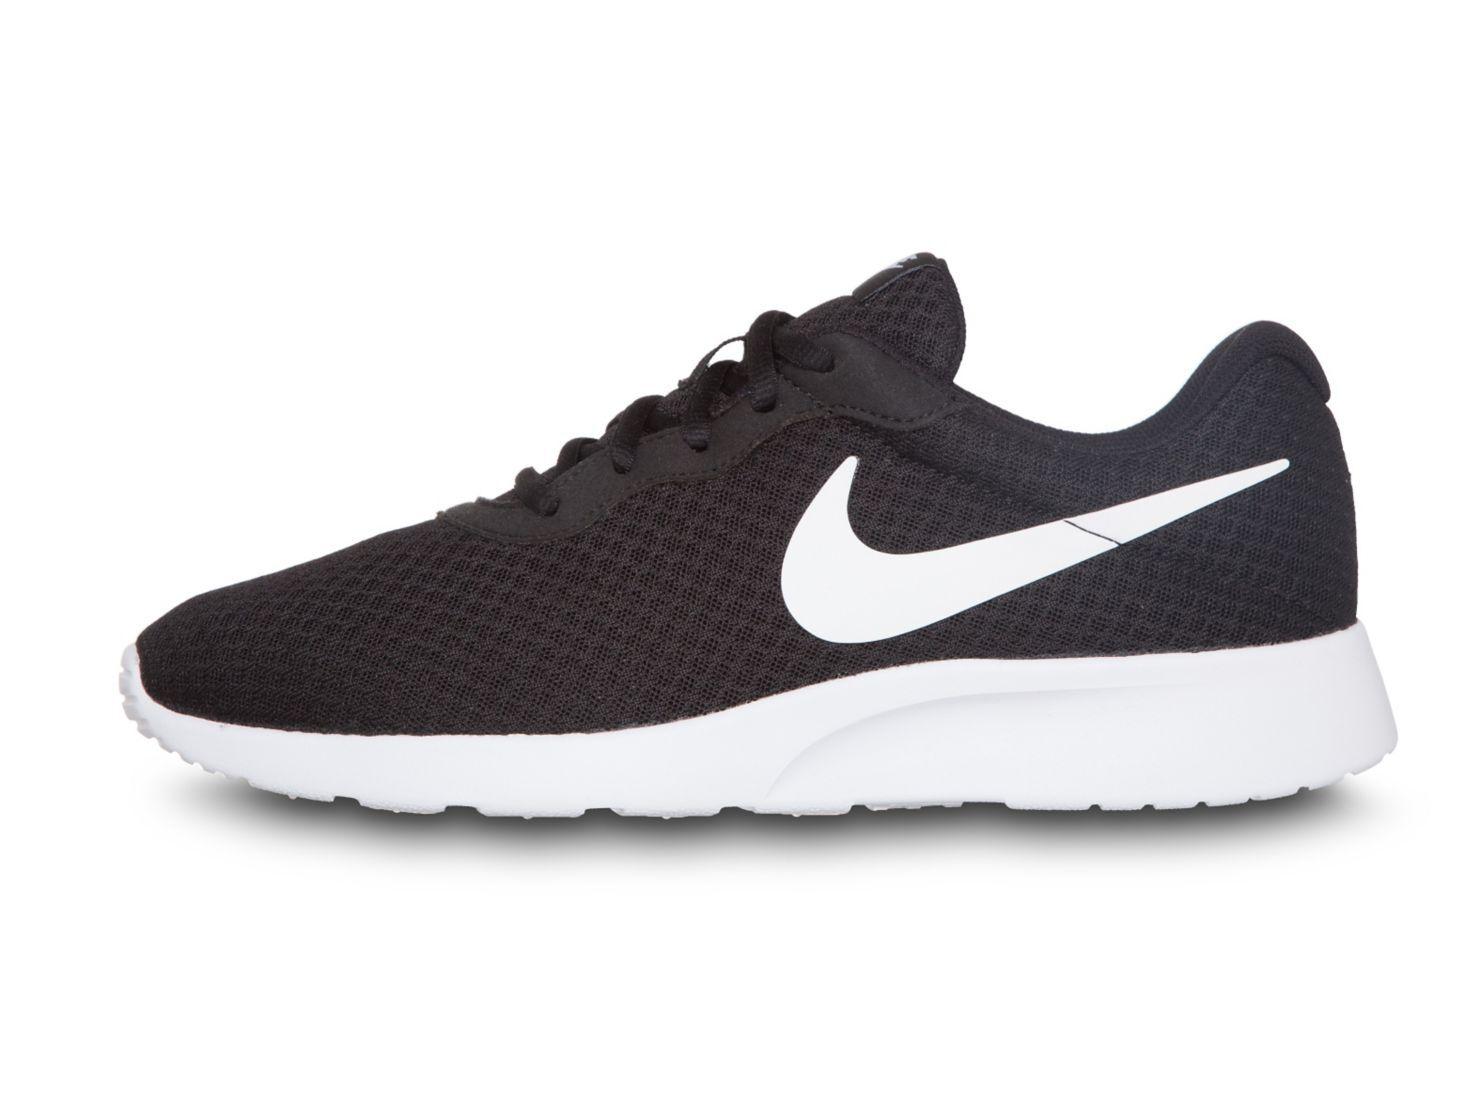 Zapatilla Nike Tanjun Urbana Hombre - Zapatillas  be1d3e68a49f3